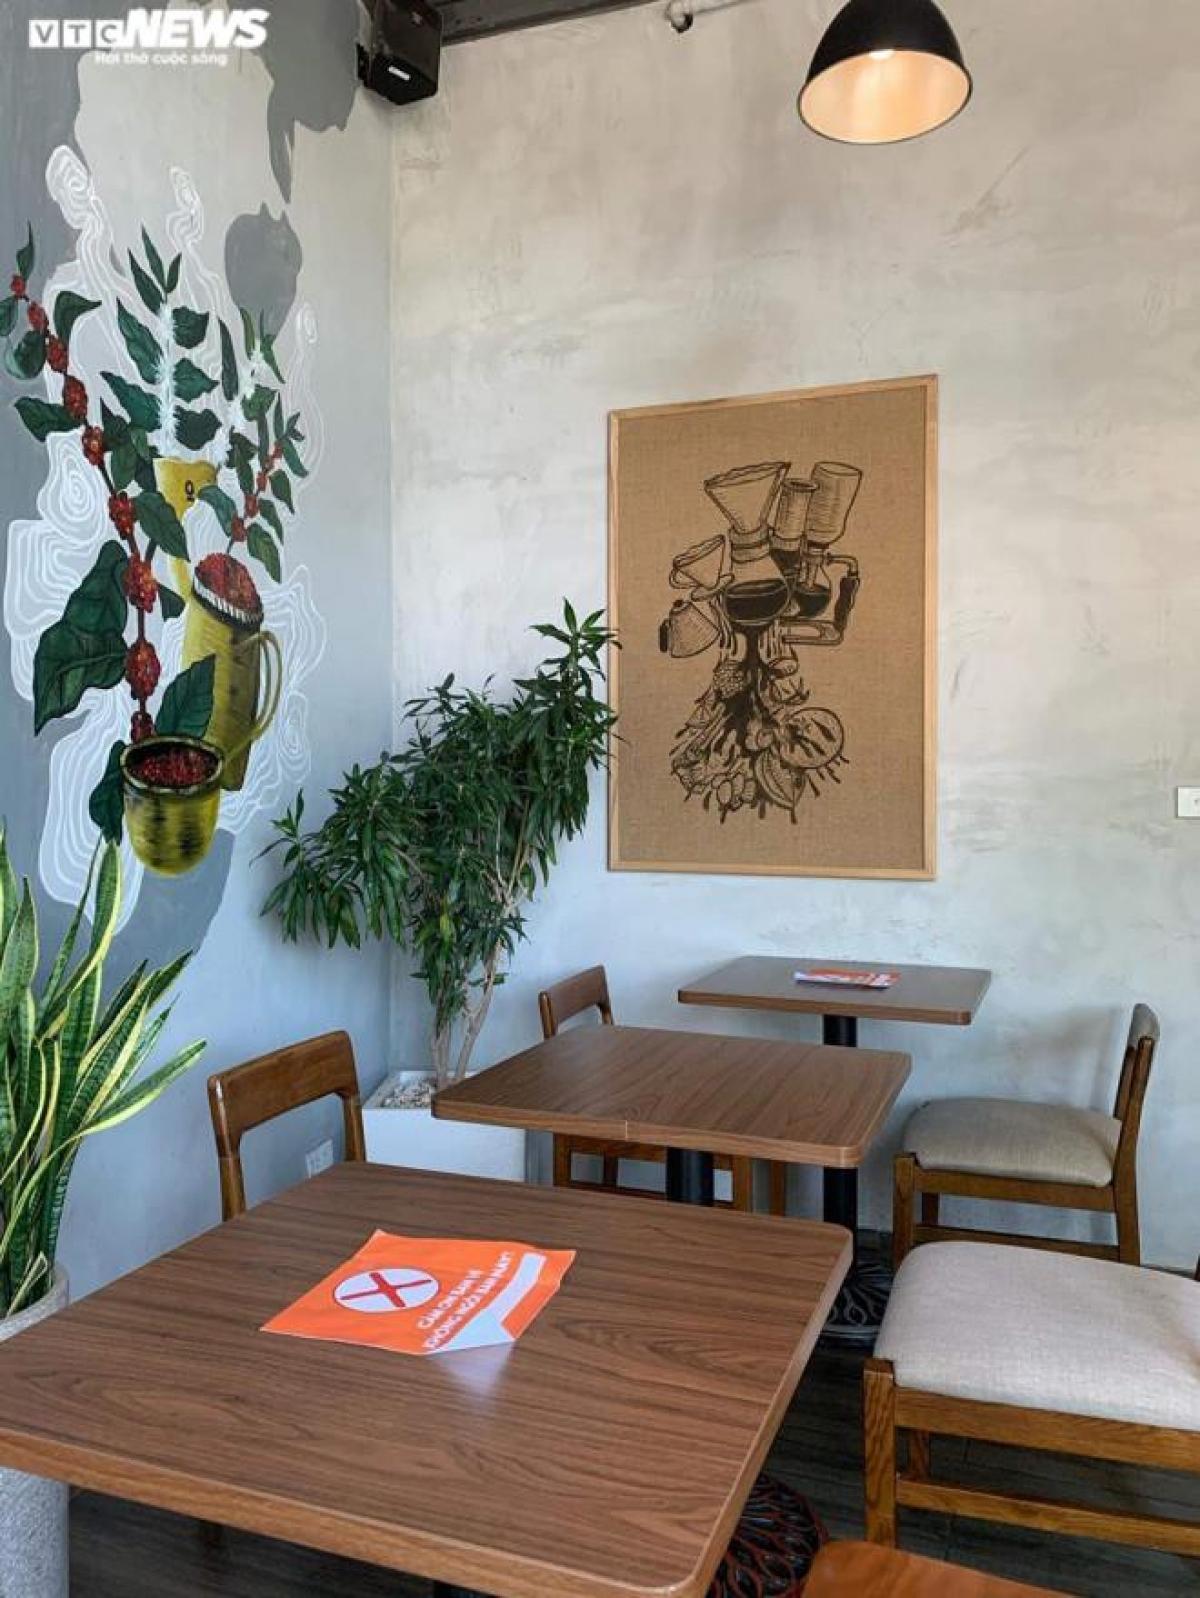 Một số cửa hàng khác có không gian chật hẹp hơn chấp nhận chỉ hoạt động 50% công suất bàn. Số còn lại được tận dụng để giãn cách, tạo không gian trống giữa các bàn với nhau.